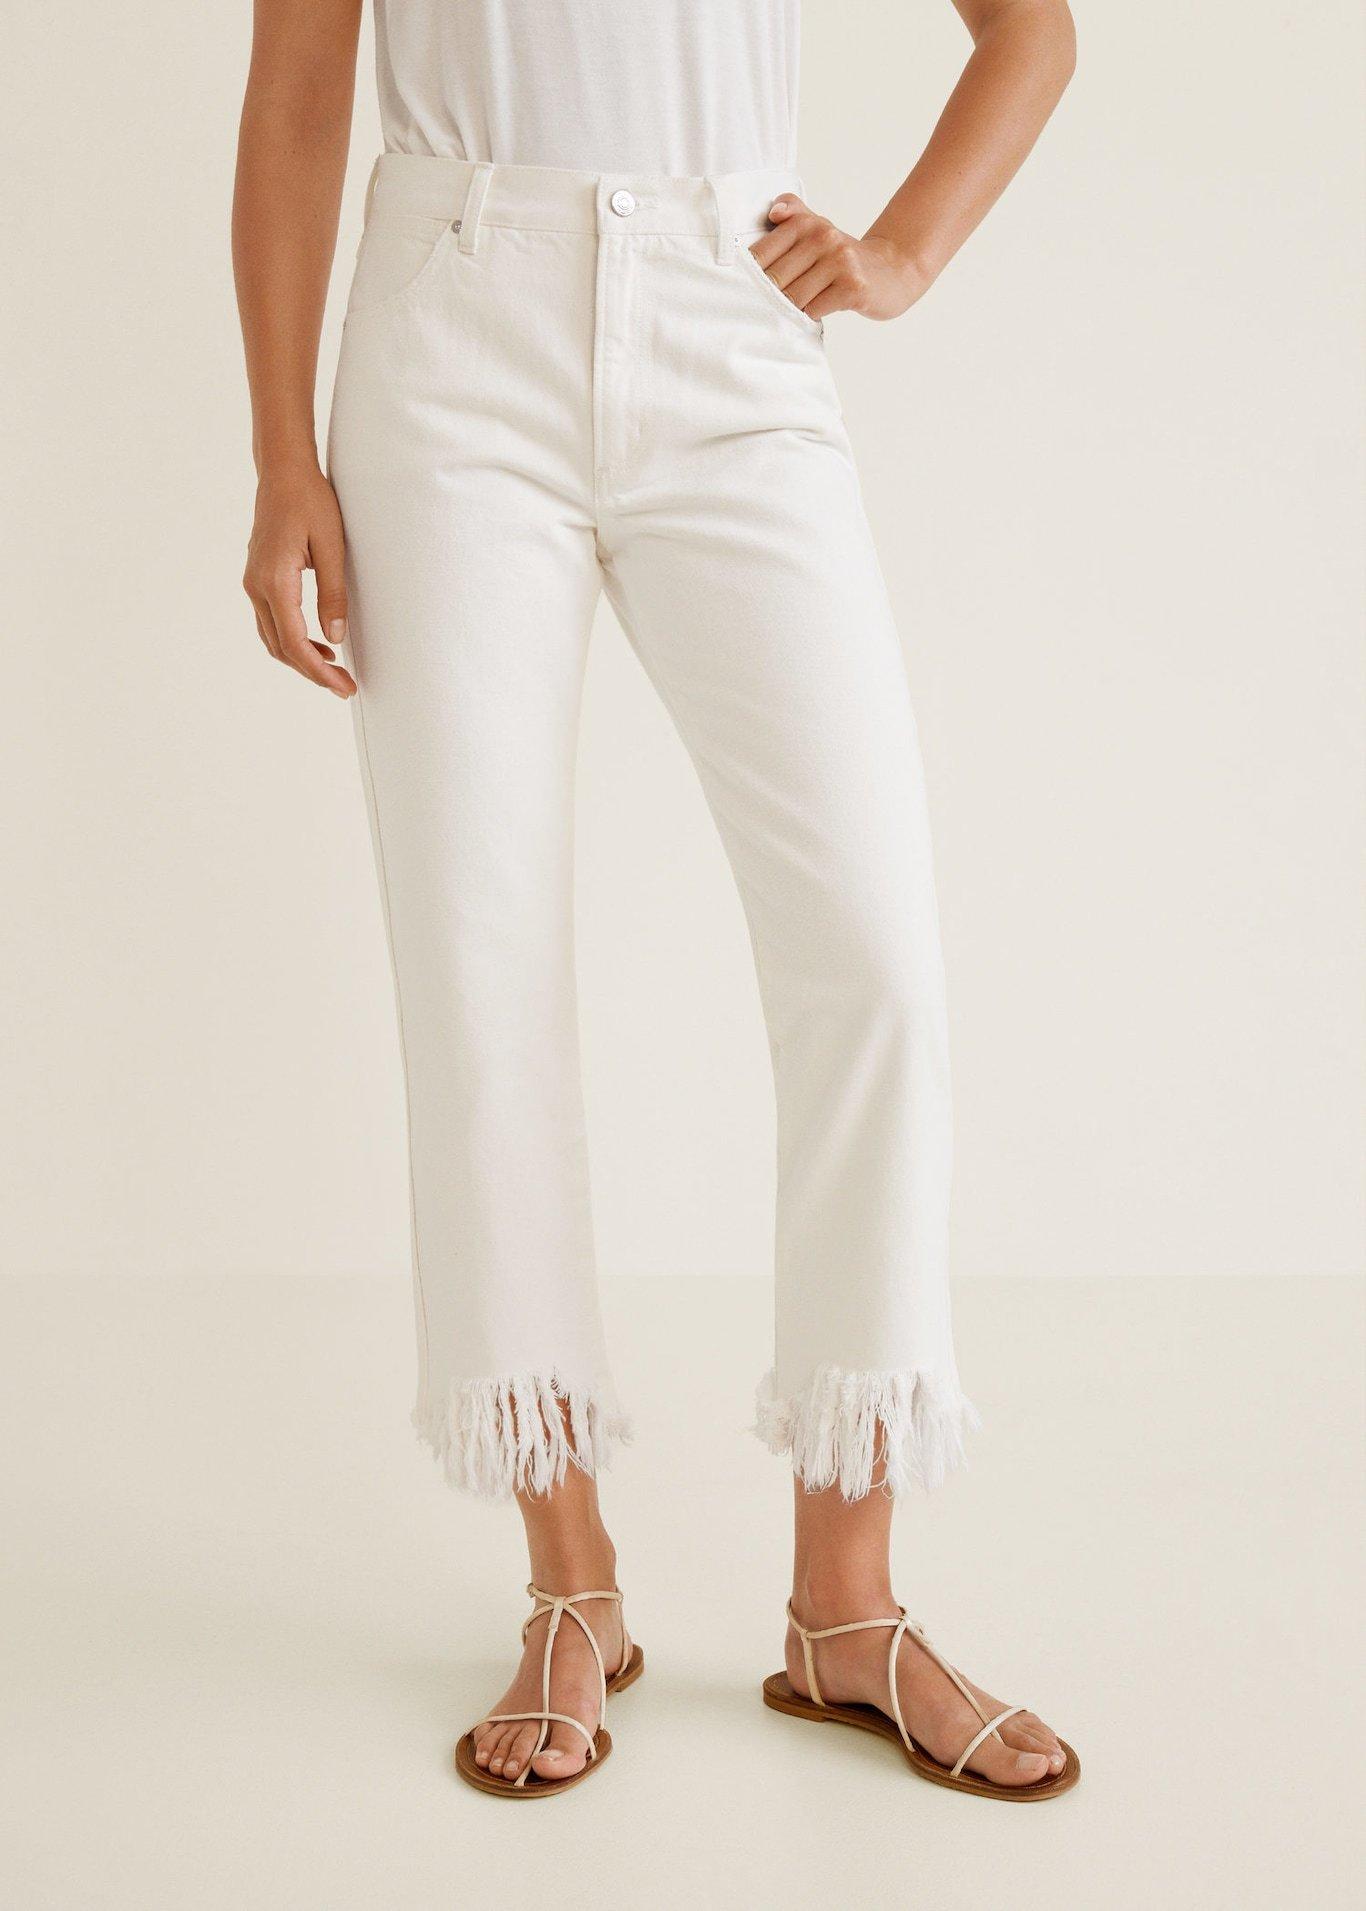 Jeans blancos con el bajo deshilachado, de Mango (29,99 euros).